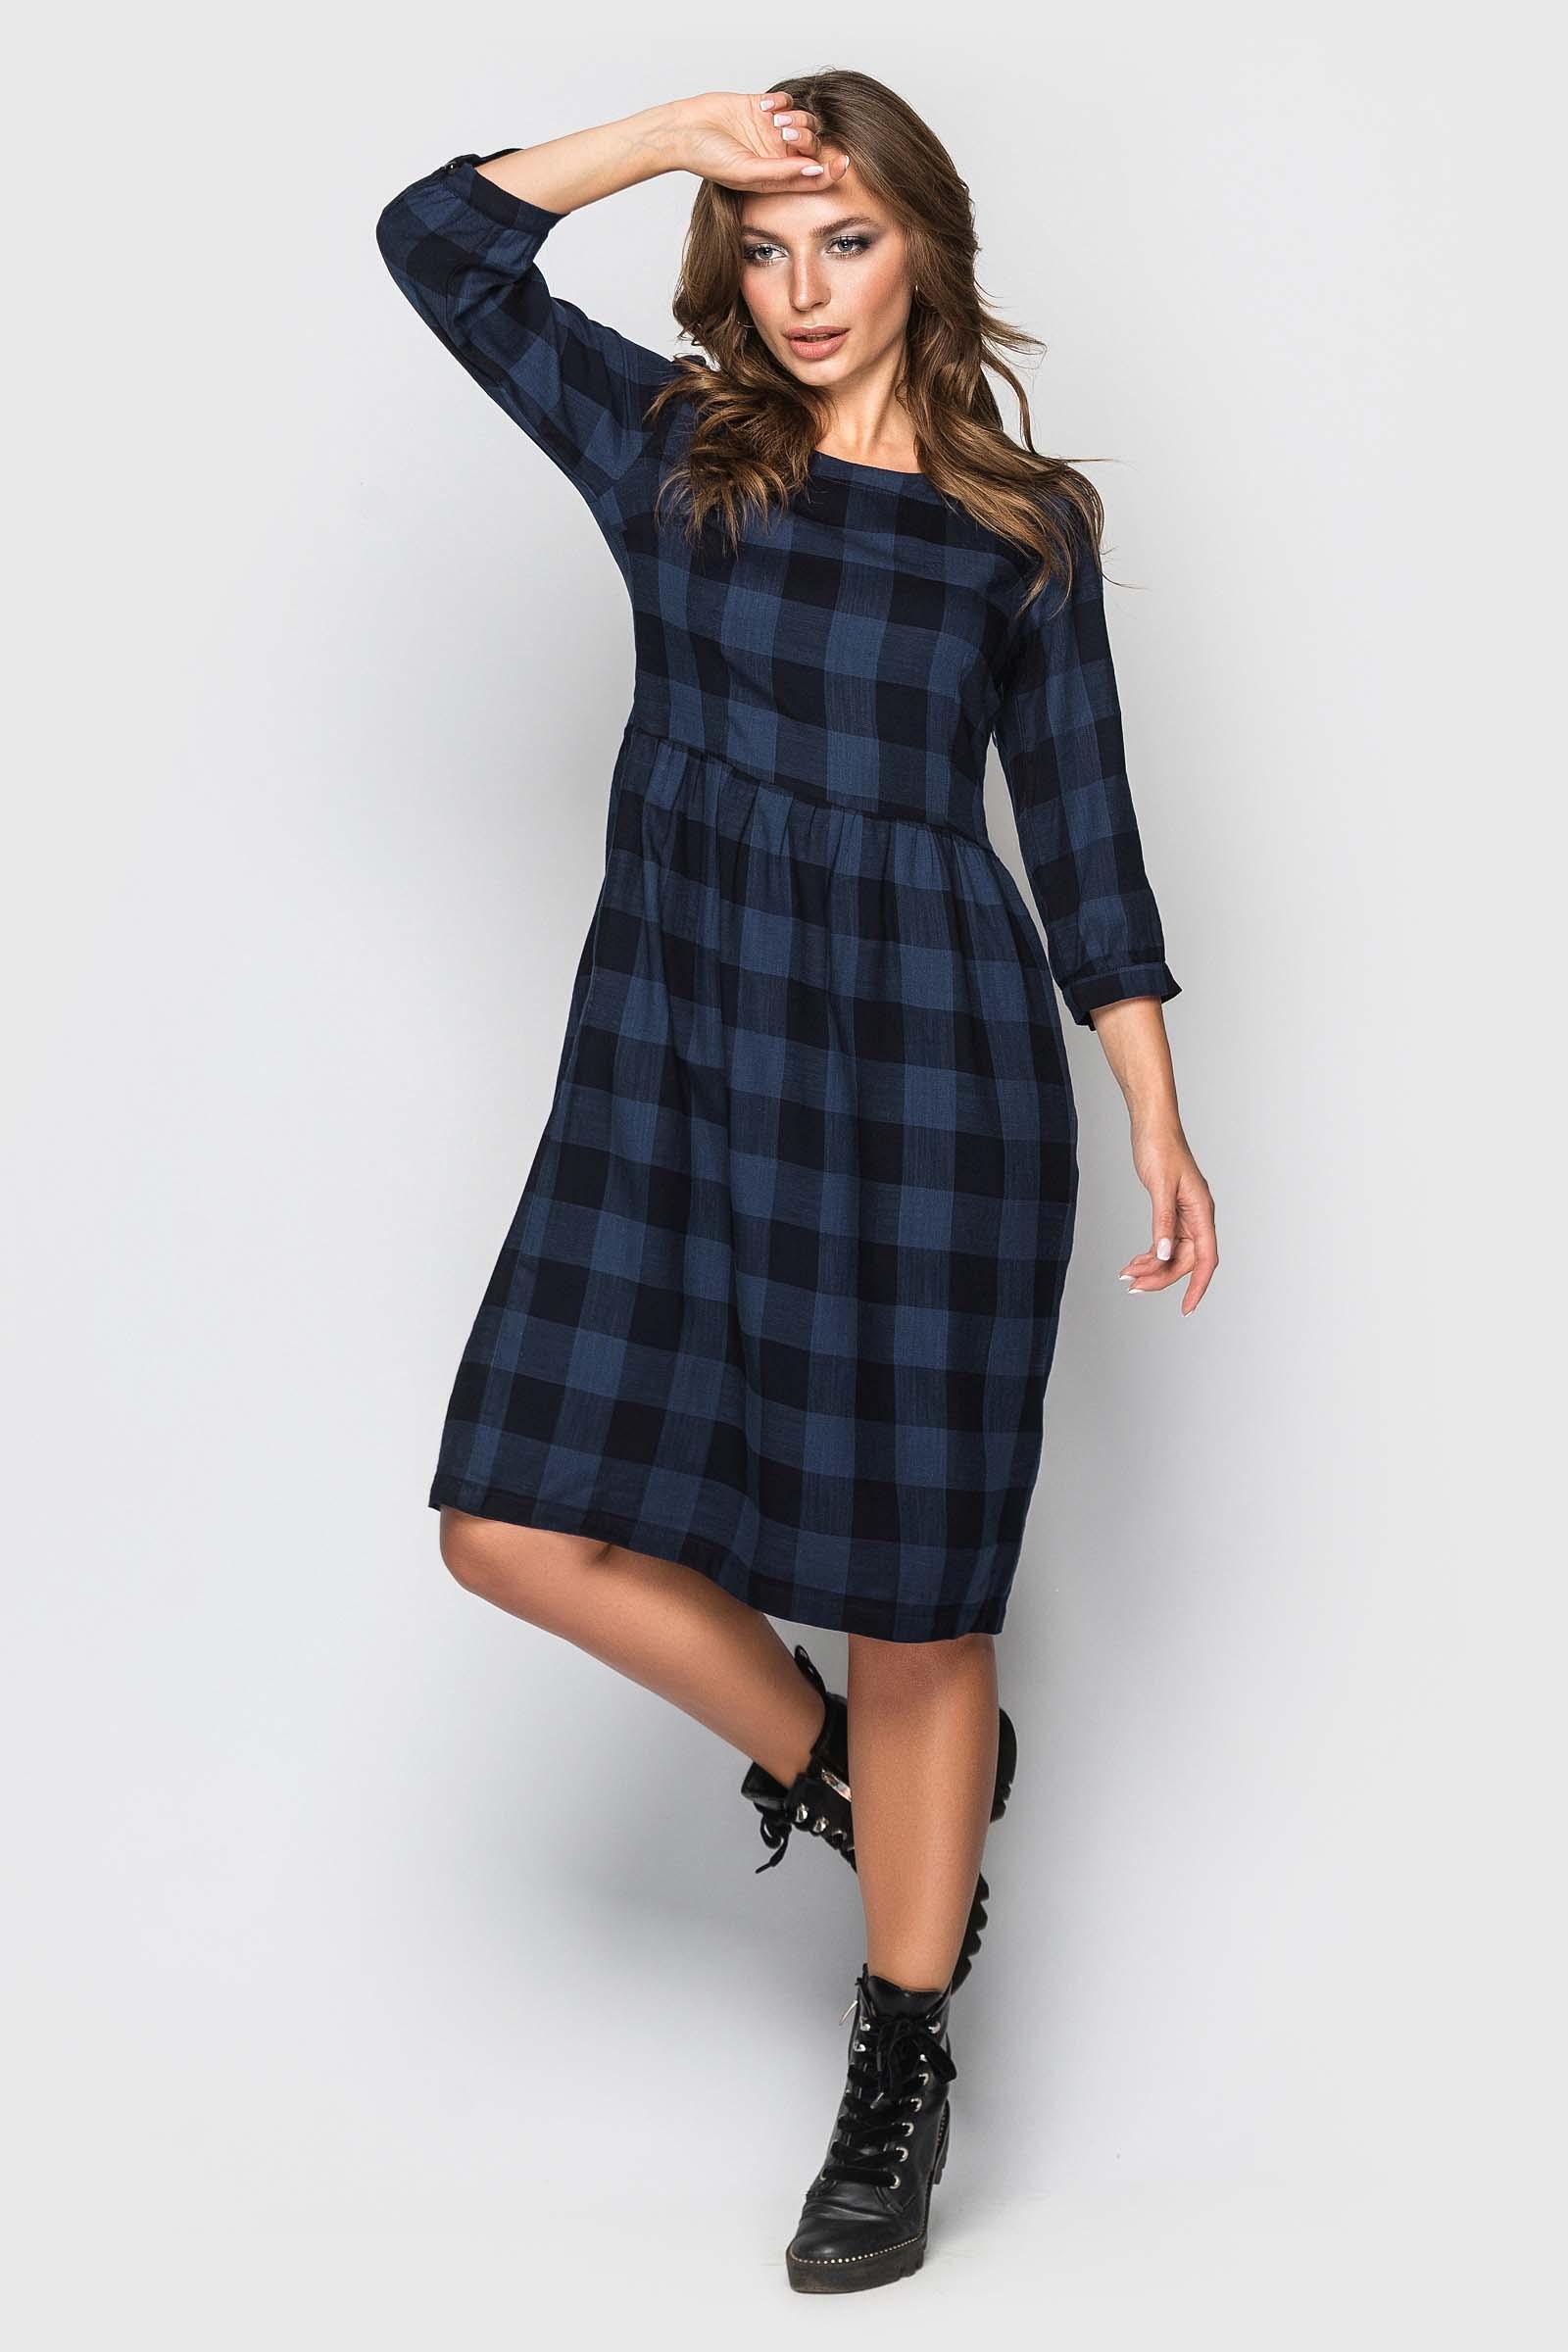 2020 01 23 338077 Купить платье